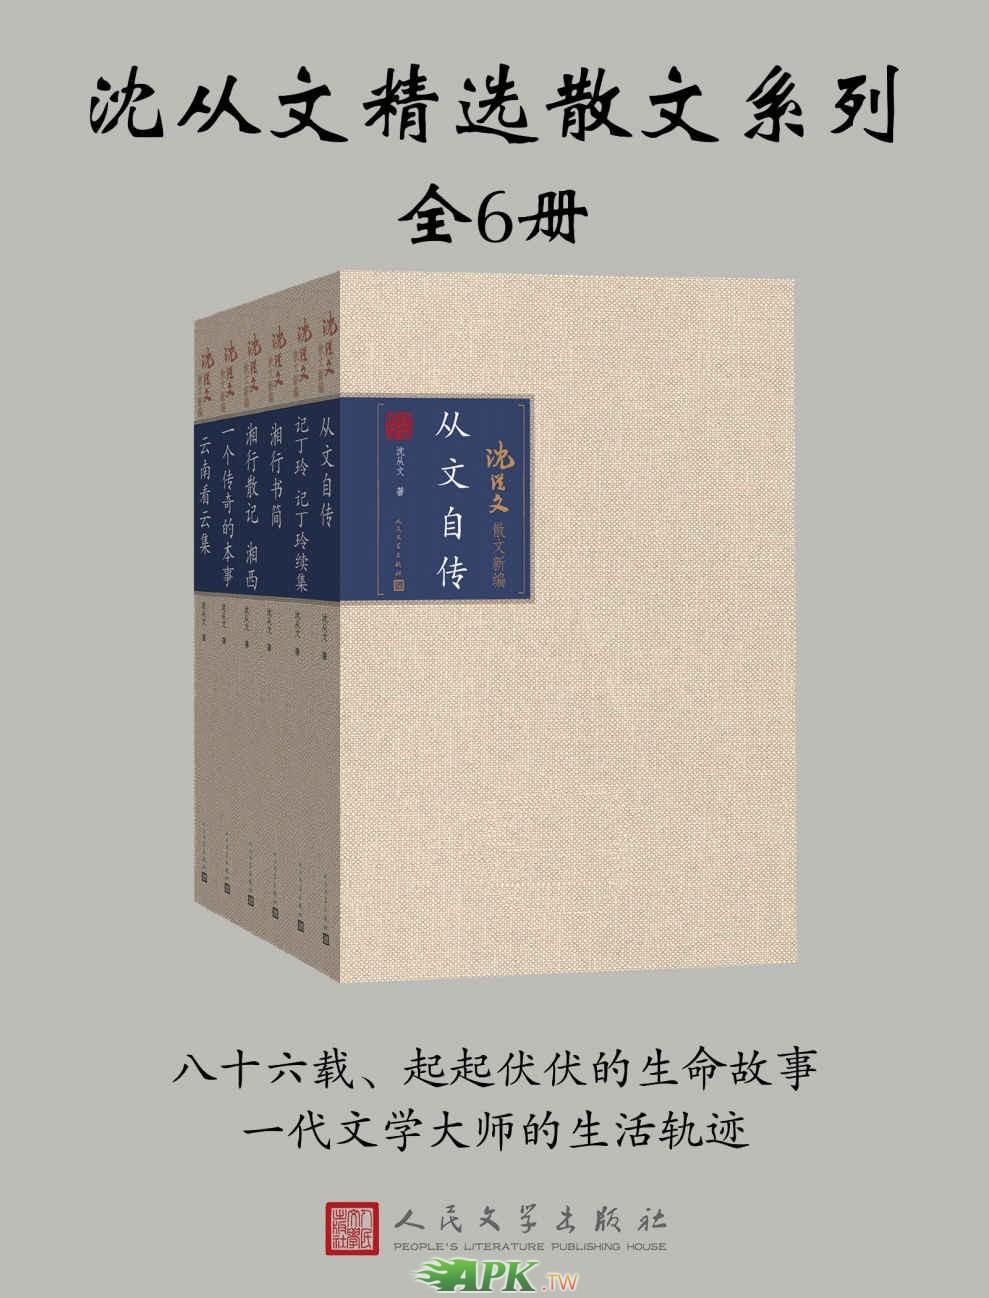 沈從文精選散文系列.jpg